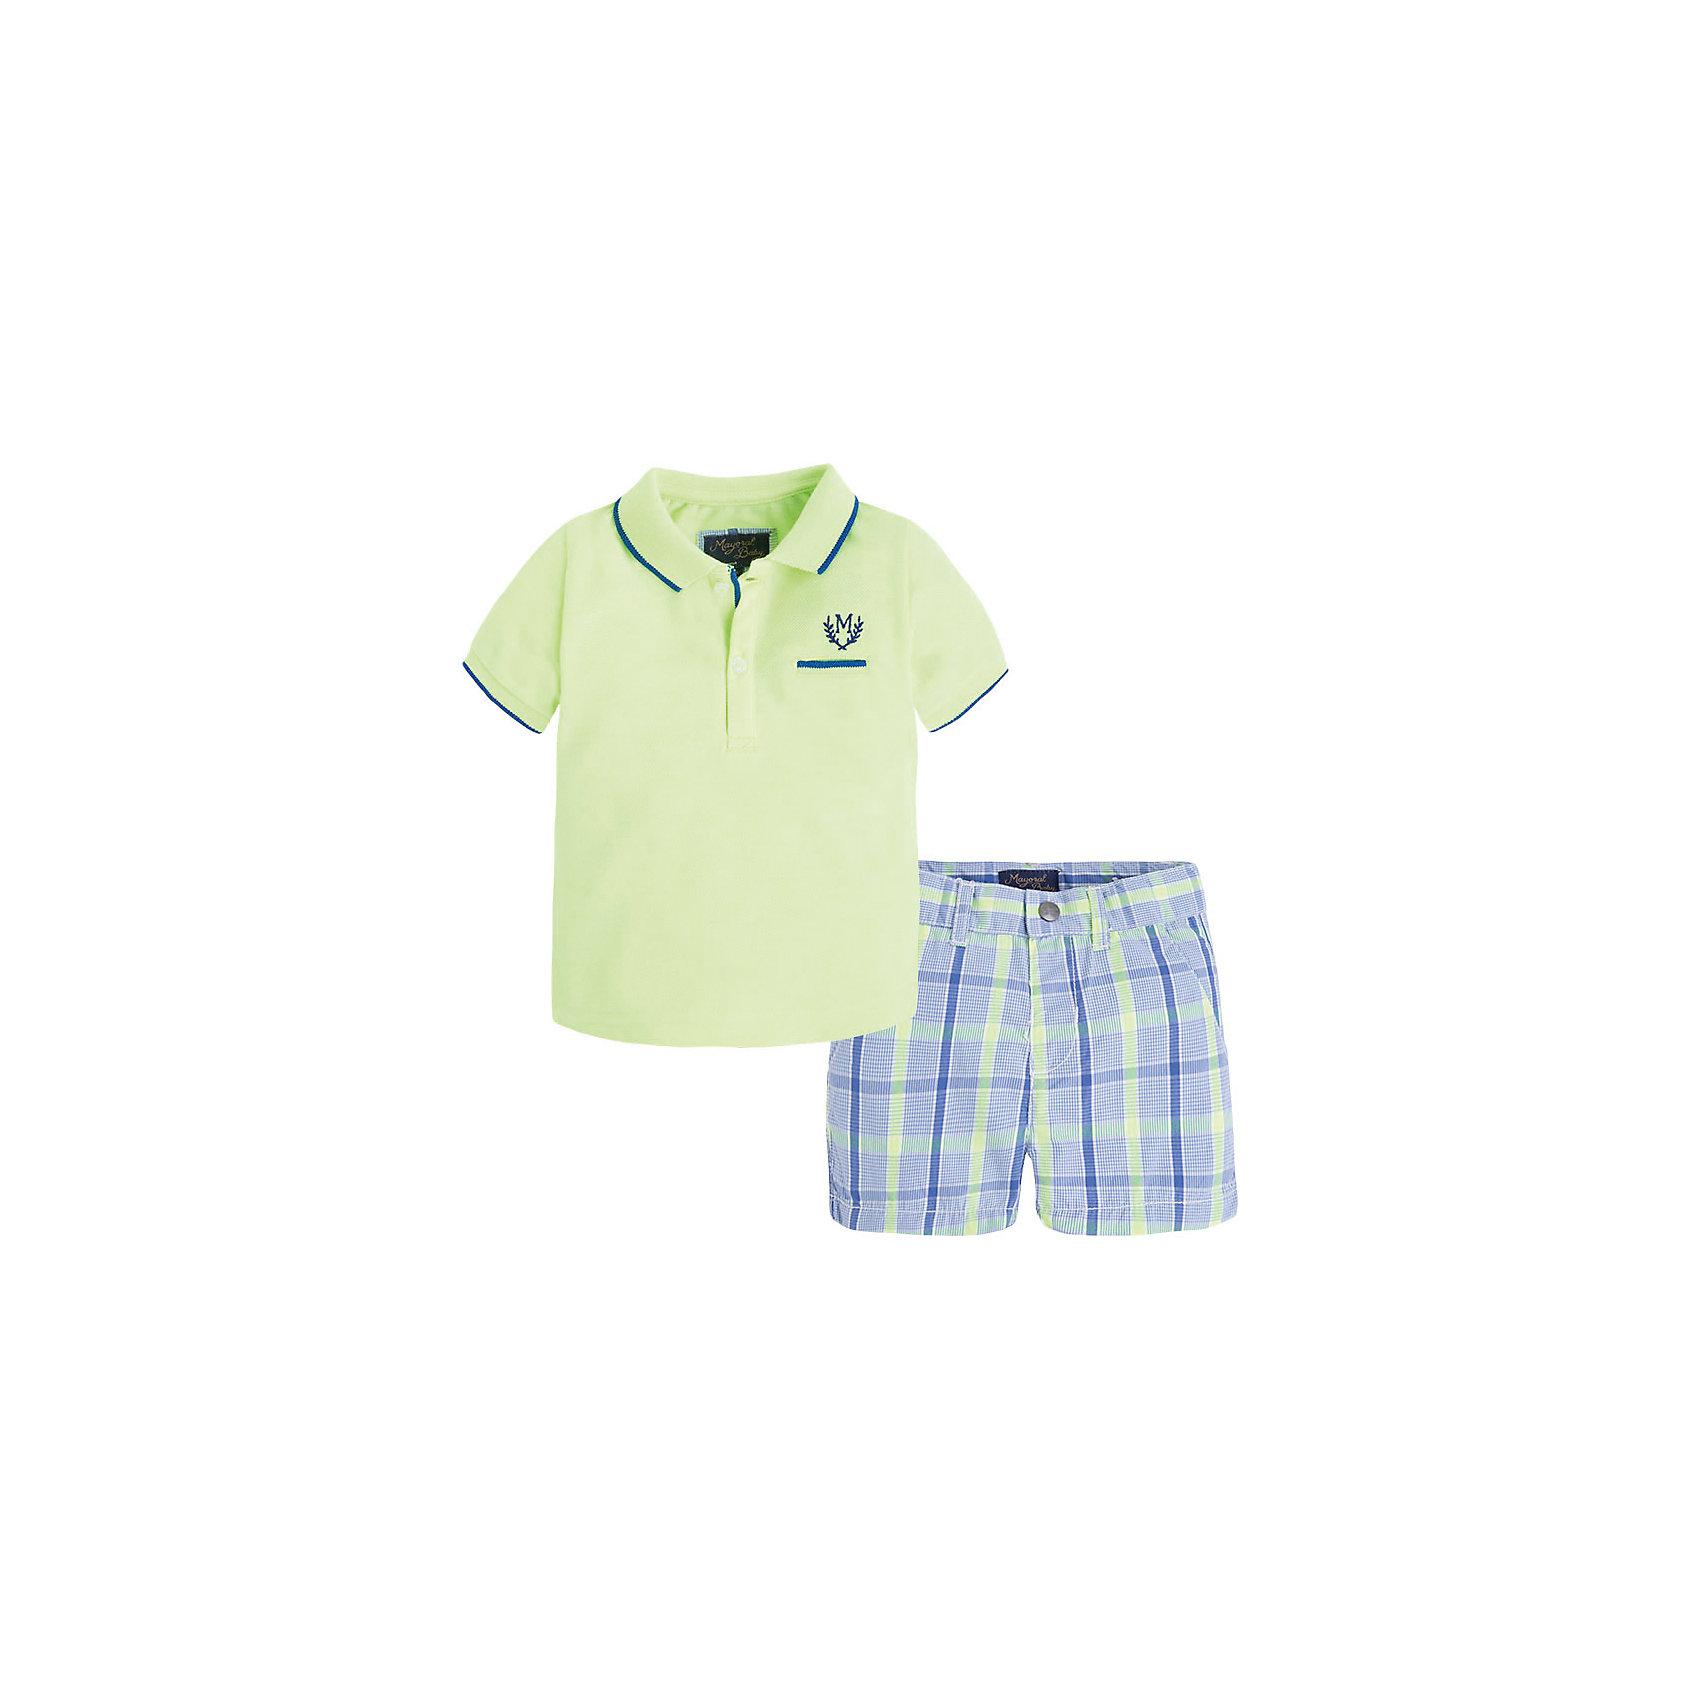 Комплект для мальчика: футболка и шорты MayoralКомплект для мальчика: футболка и шорты для мальчика от известной испанской марки Mayoral - прекрасный вариант для теплой погоды.<br><br>Дополнительная информация:<br><br>- Мягкая трикотажная ткань<br>- Футболка-поло с контрастной полосой на воротнике и рукавах.<br>- Вышивка и декоративный карман на груди. <br>- Шорты с клетчатым принтом.<br>- Застегиваются на кнопку.<br>- Регулируемая талия. <br>- Состав: 100% хлопок.<br><br>Комплект для мальчика: футболку и шорты Mayoral (Майорал) можно купить в нашем магазине.<br><br>Ширина мм: 191<br>Глубина мм: 10<br>Высота мм: 175<br>Вес г: 273<br>Цвет: зеленый<br>Возраст от месяцев: 6<br>Возраст до месяцев: 9<br>Пол: Мужской<br>Возраст: Детский<br>Размер: 74,92,86,80<br>SKU: 4537740